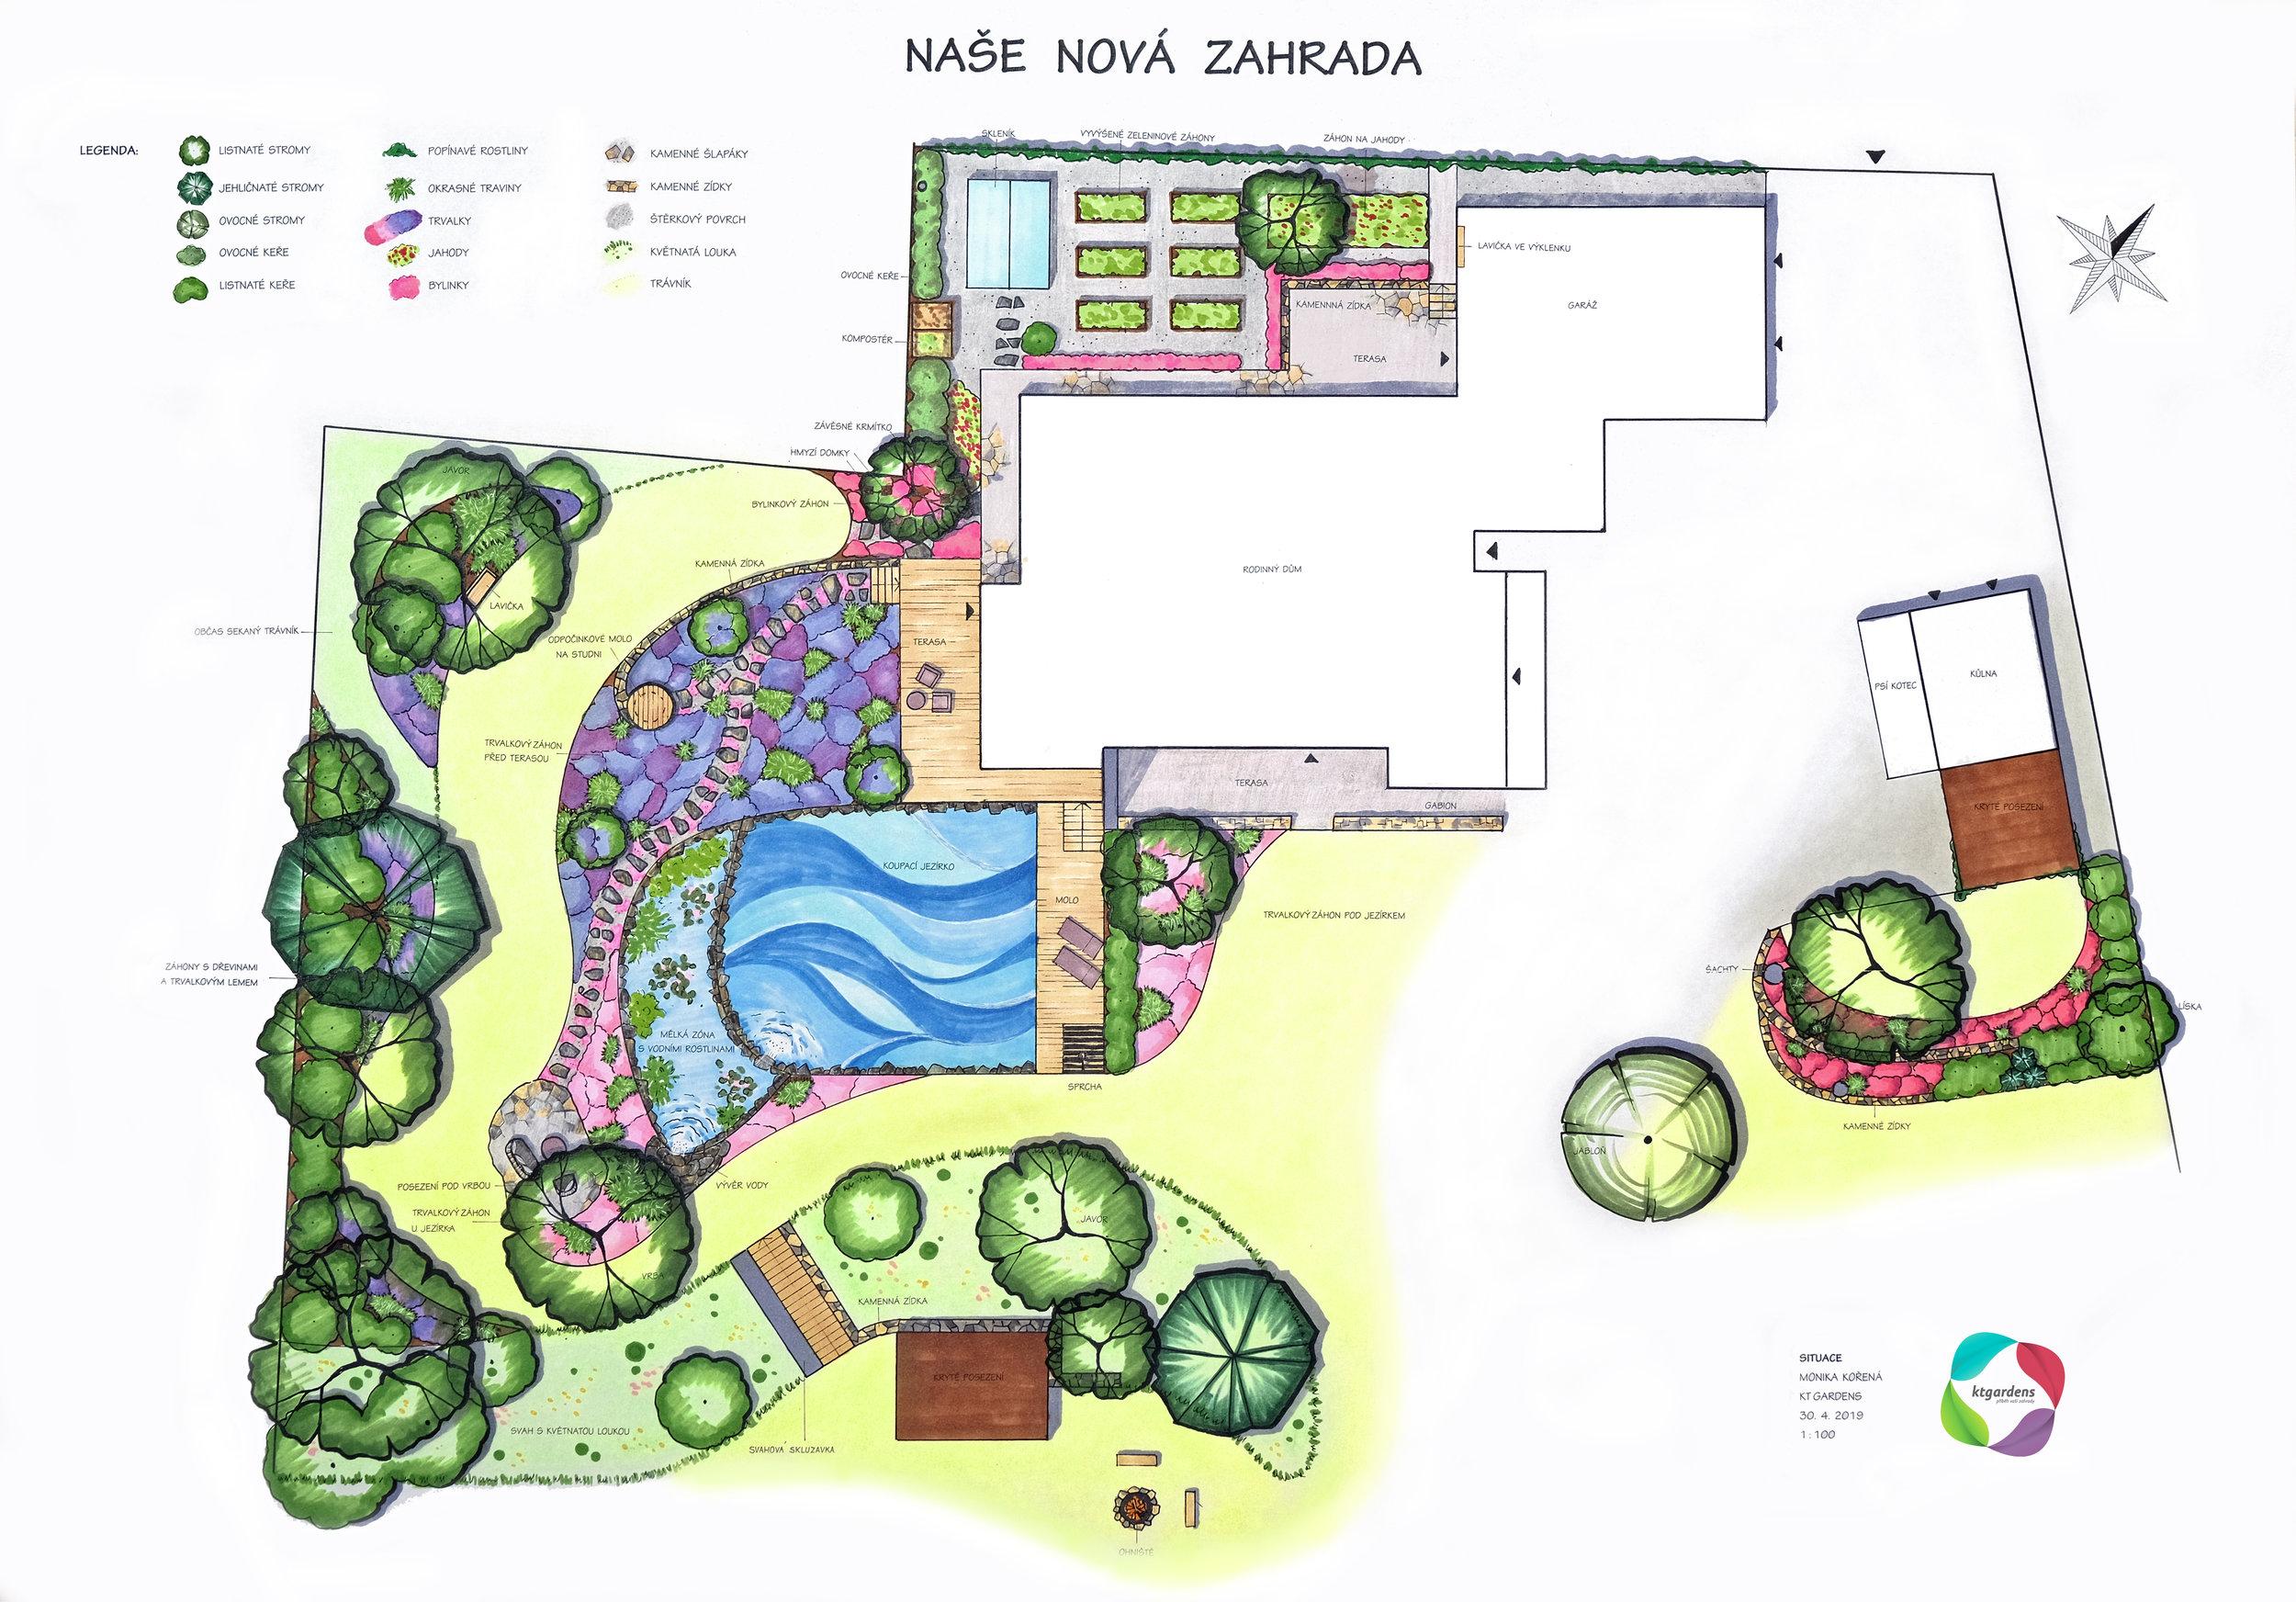 Návrh zahrady v Čeladné, venkovská zahrada, rodinná zahrada, jezírko, trvalky, záhony, louka, KTgardens